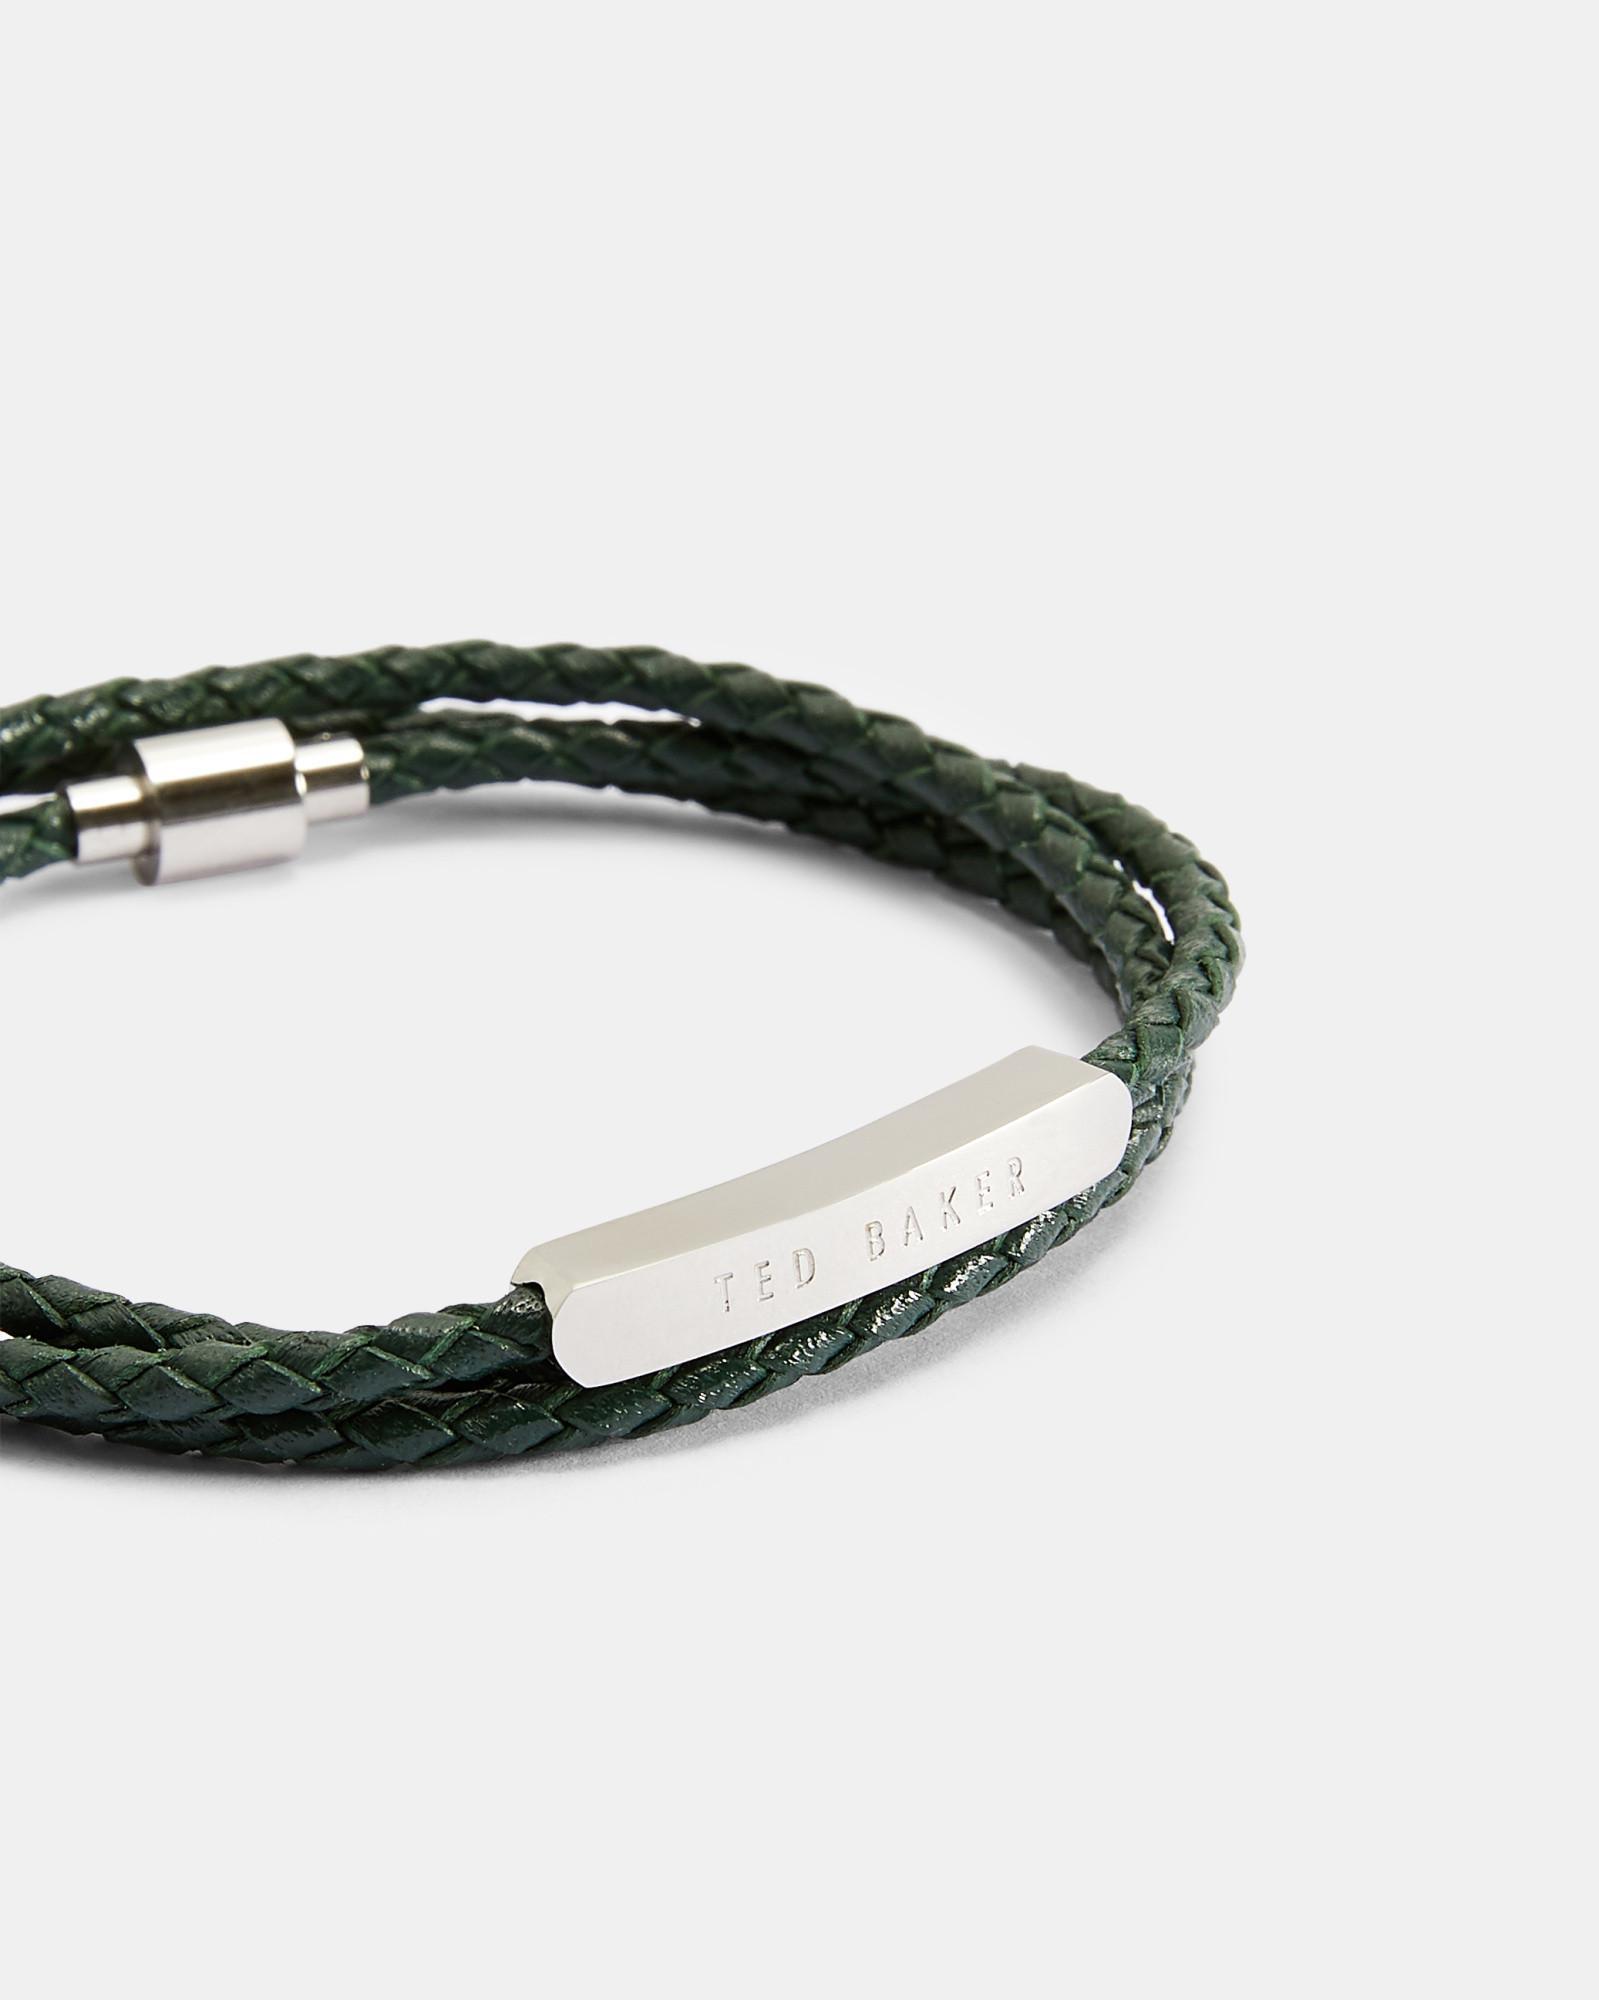 490c73fef Ted Baker Triple Wrap Leather Bracelet in Green for Men - Lyst